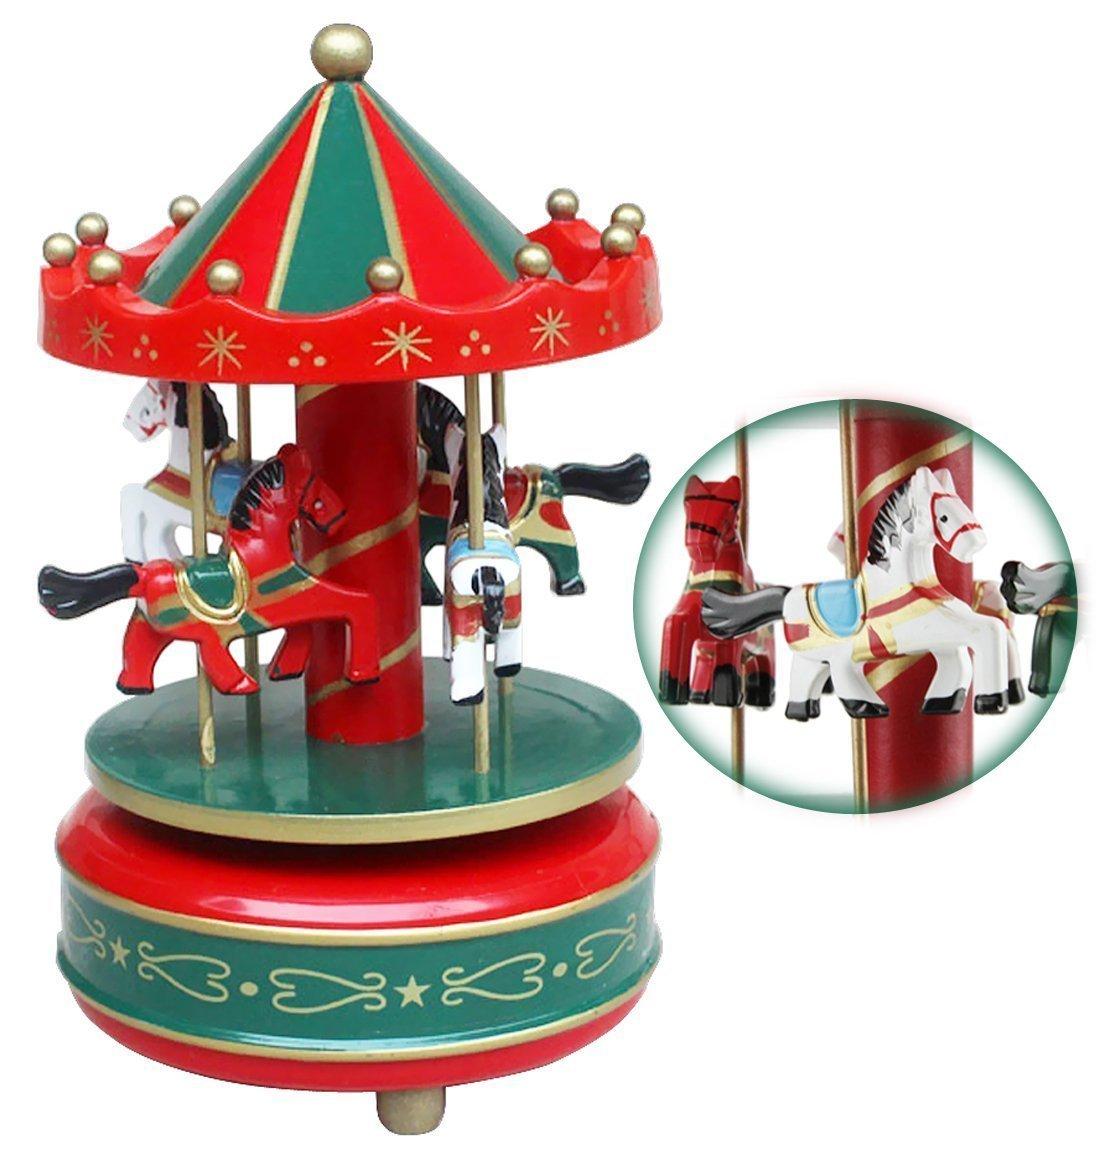 Manège Carrouselen Bois Boîte à Musique Enfants Filles Jouet Musical avec Mélodie Douce Décoration Maison Chambre Enfant Cadeau Noël/ Anniversaire pour Enfants Bao Core